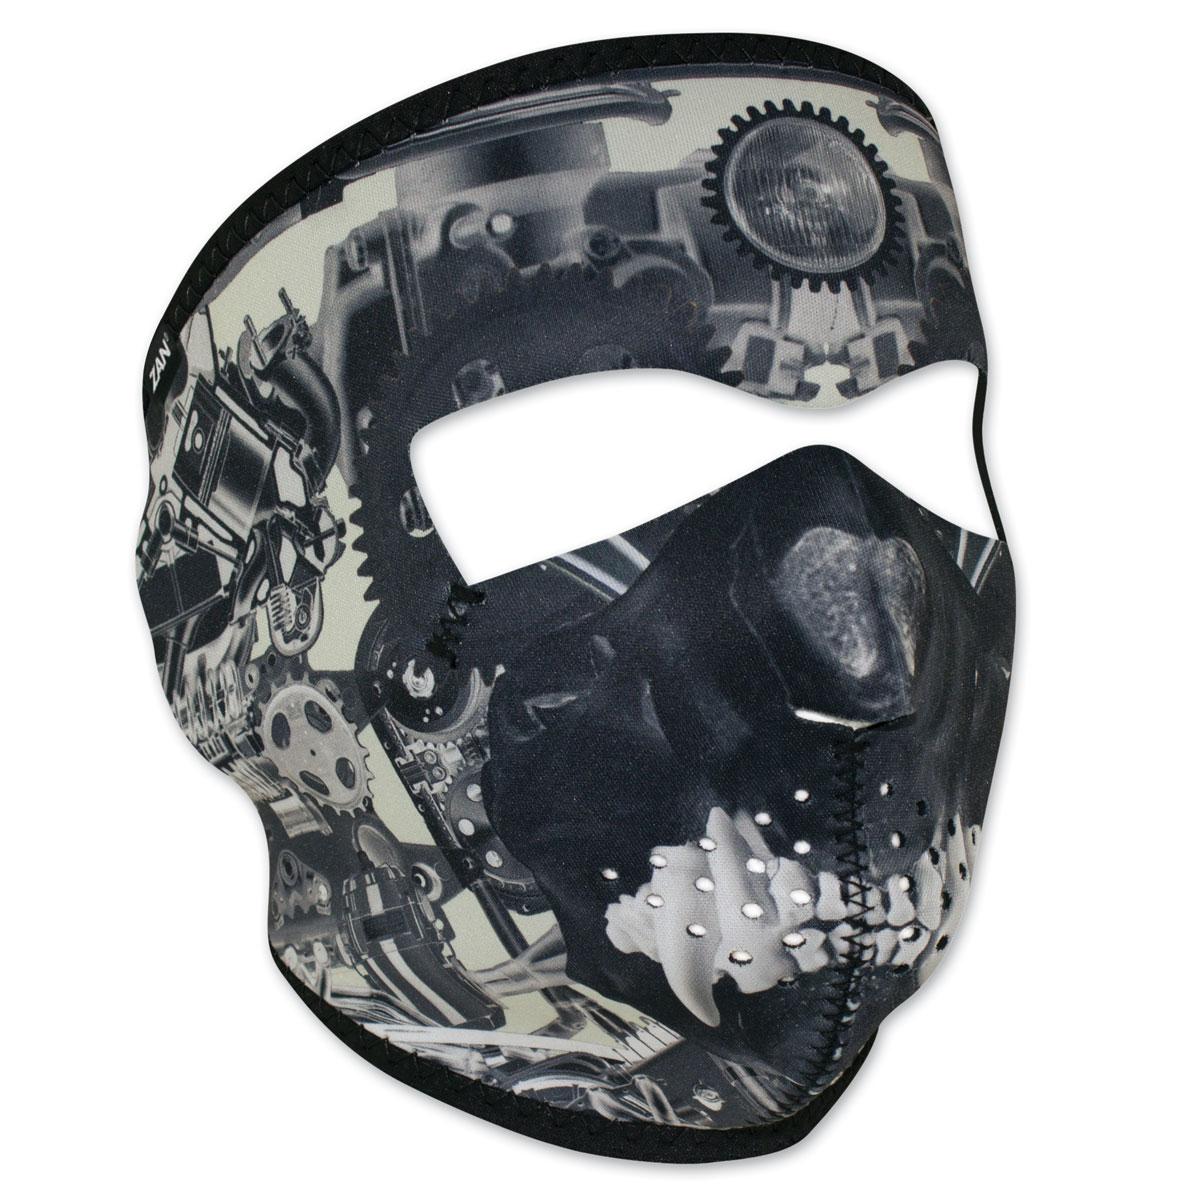 ZAN headgear Neoprene Sprocket Skull Full Mask